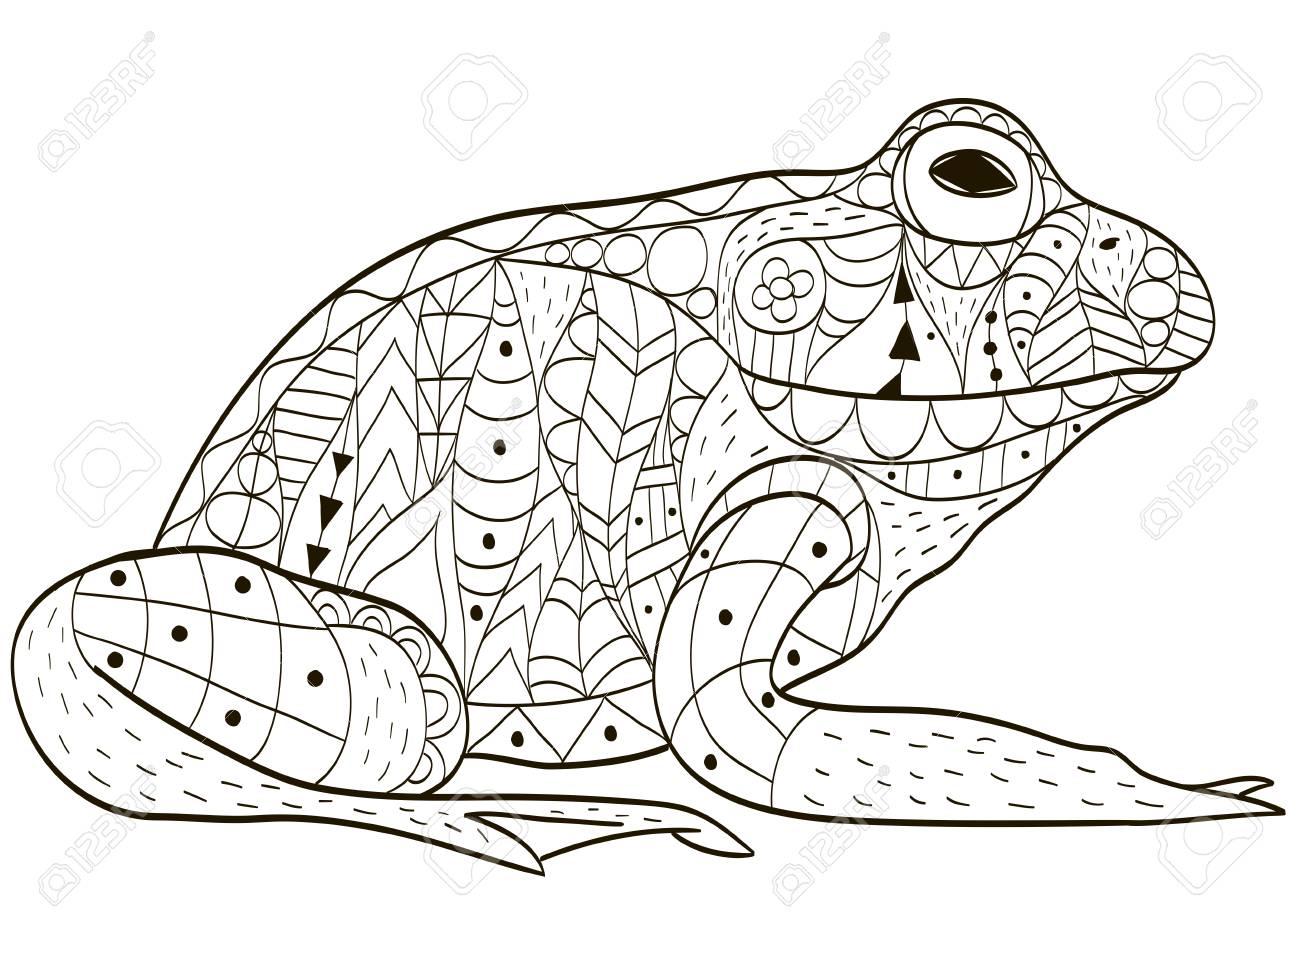 Froggy Färbung Vektor Für Erwachsene Lizenzfrei Nutzbare ...